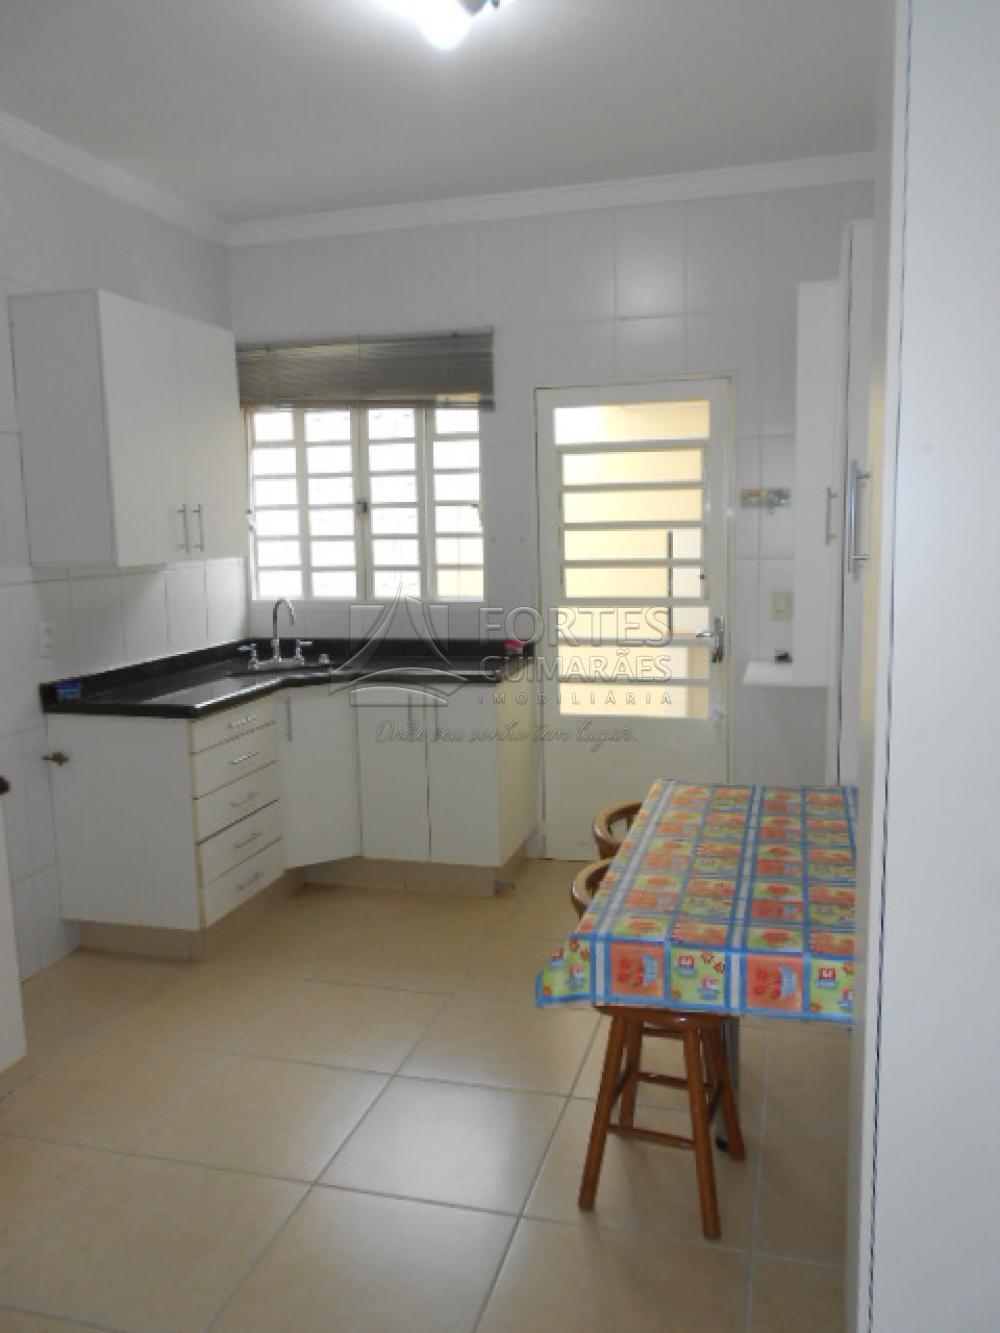 Alugar Casas / Padrão em Ribeirão Preto apenas R$ 3.500,00 - Foto 57